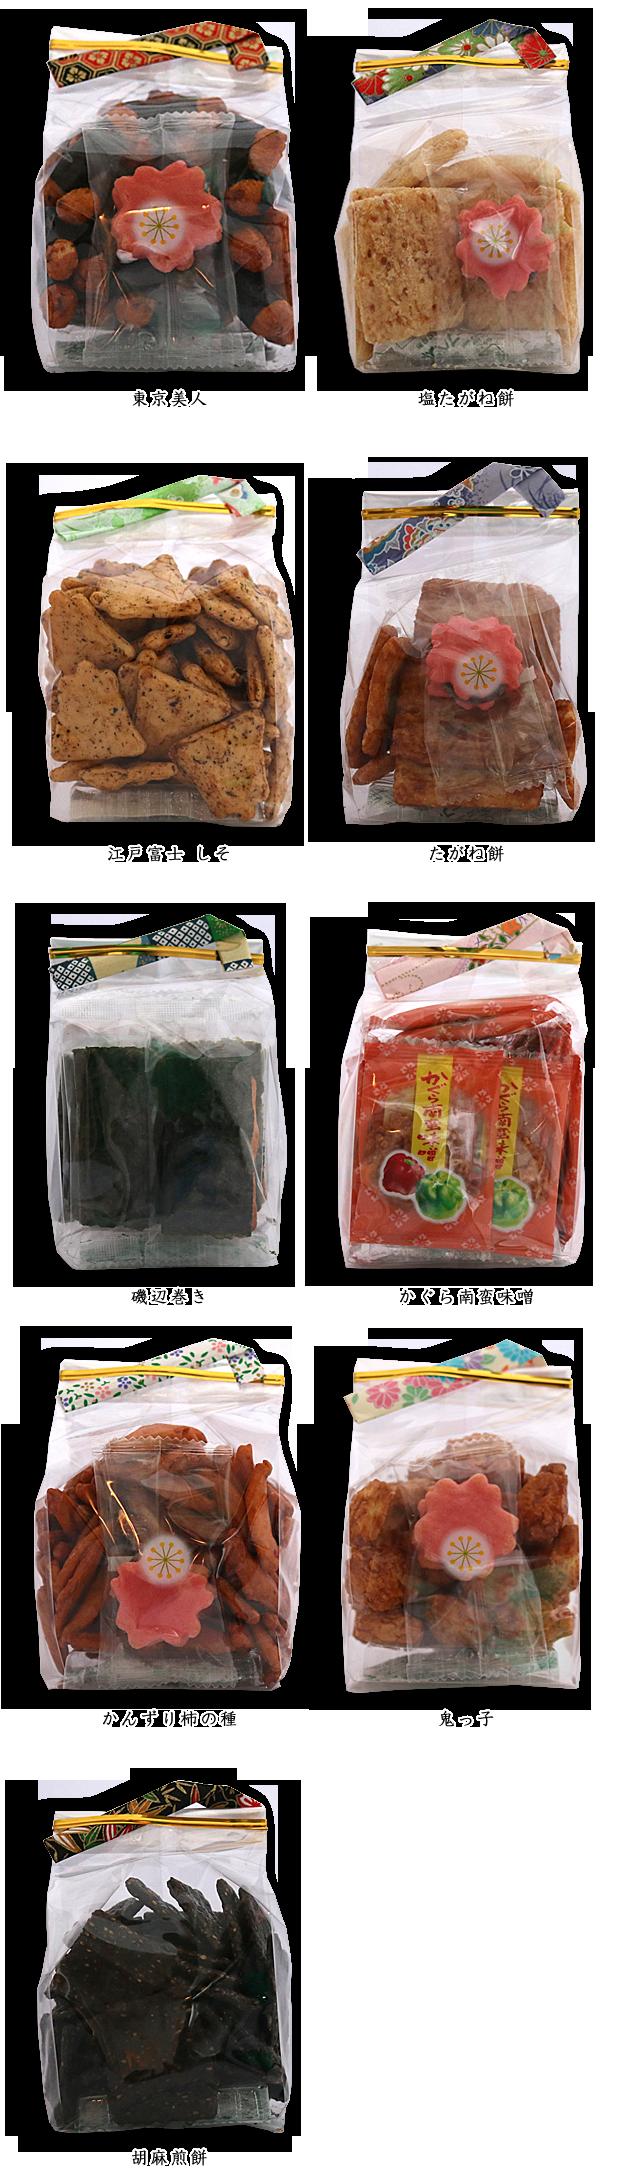 大江戸あれれの新商品【江戸富士 しそ・東京美人・胡麻煎餅・塩たがね餅・たがね餅・磯辺巻き・かぐら南蛮味噌・かんずり柿の種・鬼っ子】